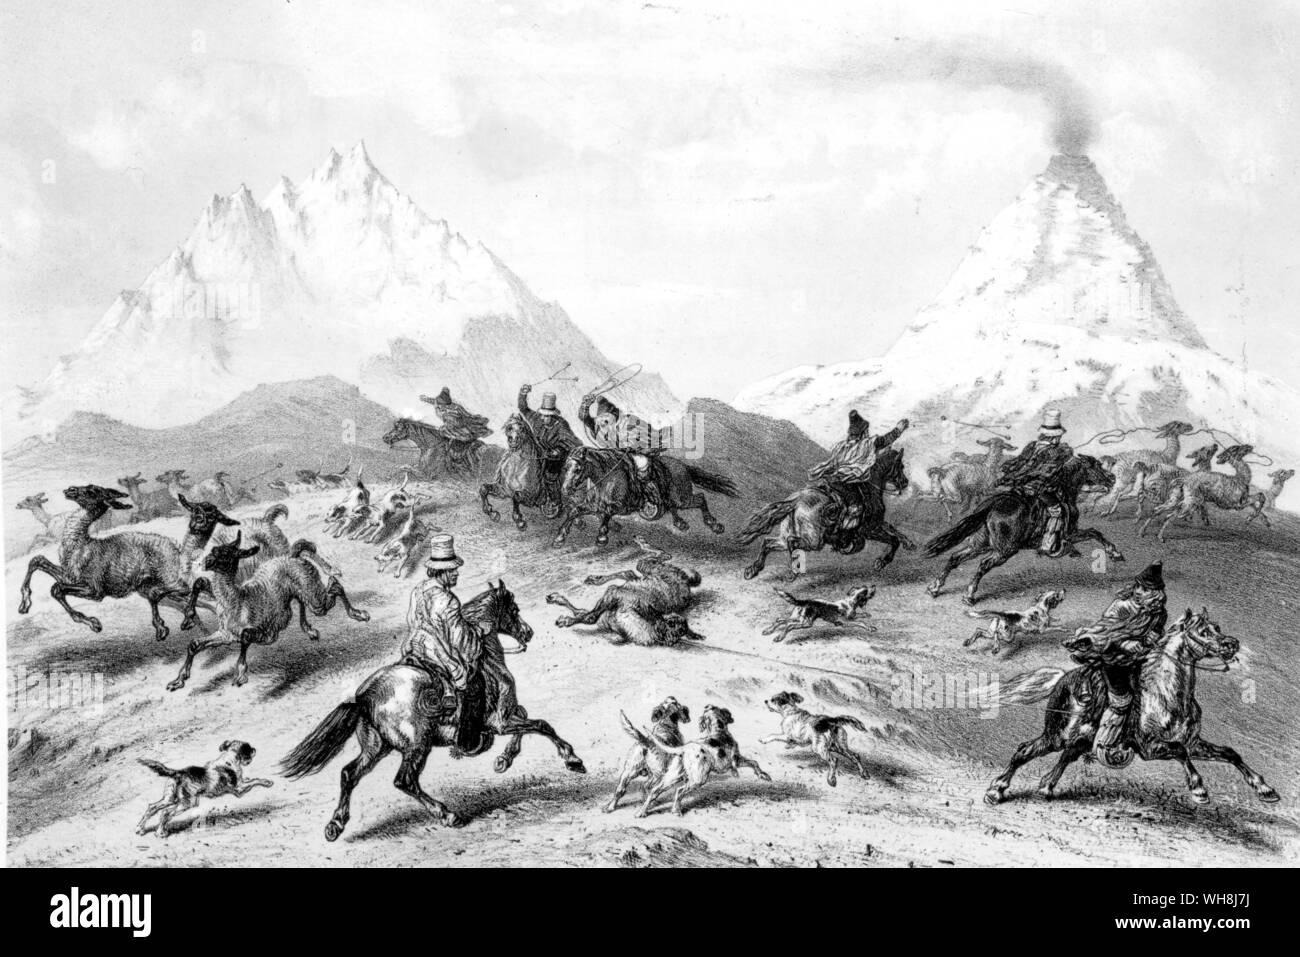 """La chasse les guanacos. """"Dans un grand nombre de leurs habitudes qu'ils sont comme des moutons dans un troupeau. Ainsi, lorsqu'ils voient approcher les hommes dans plusieurs directions à cheval, ils sont désorientés et ne savent pas quoi faire."""" Darwin et le Beagle par Alan Moorhead, page 146. Banque D'Images"""